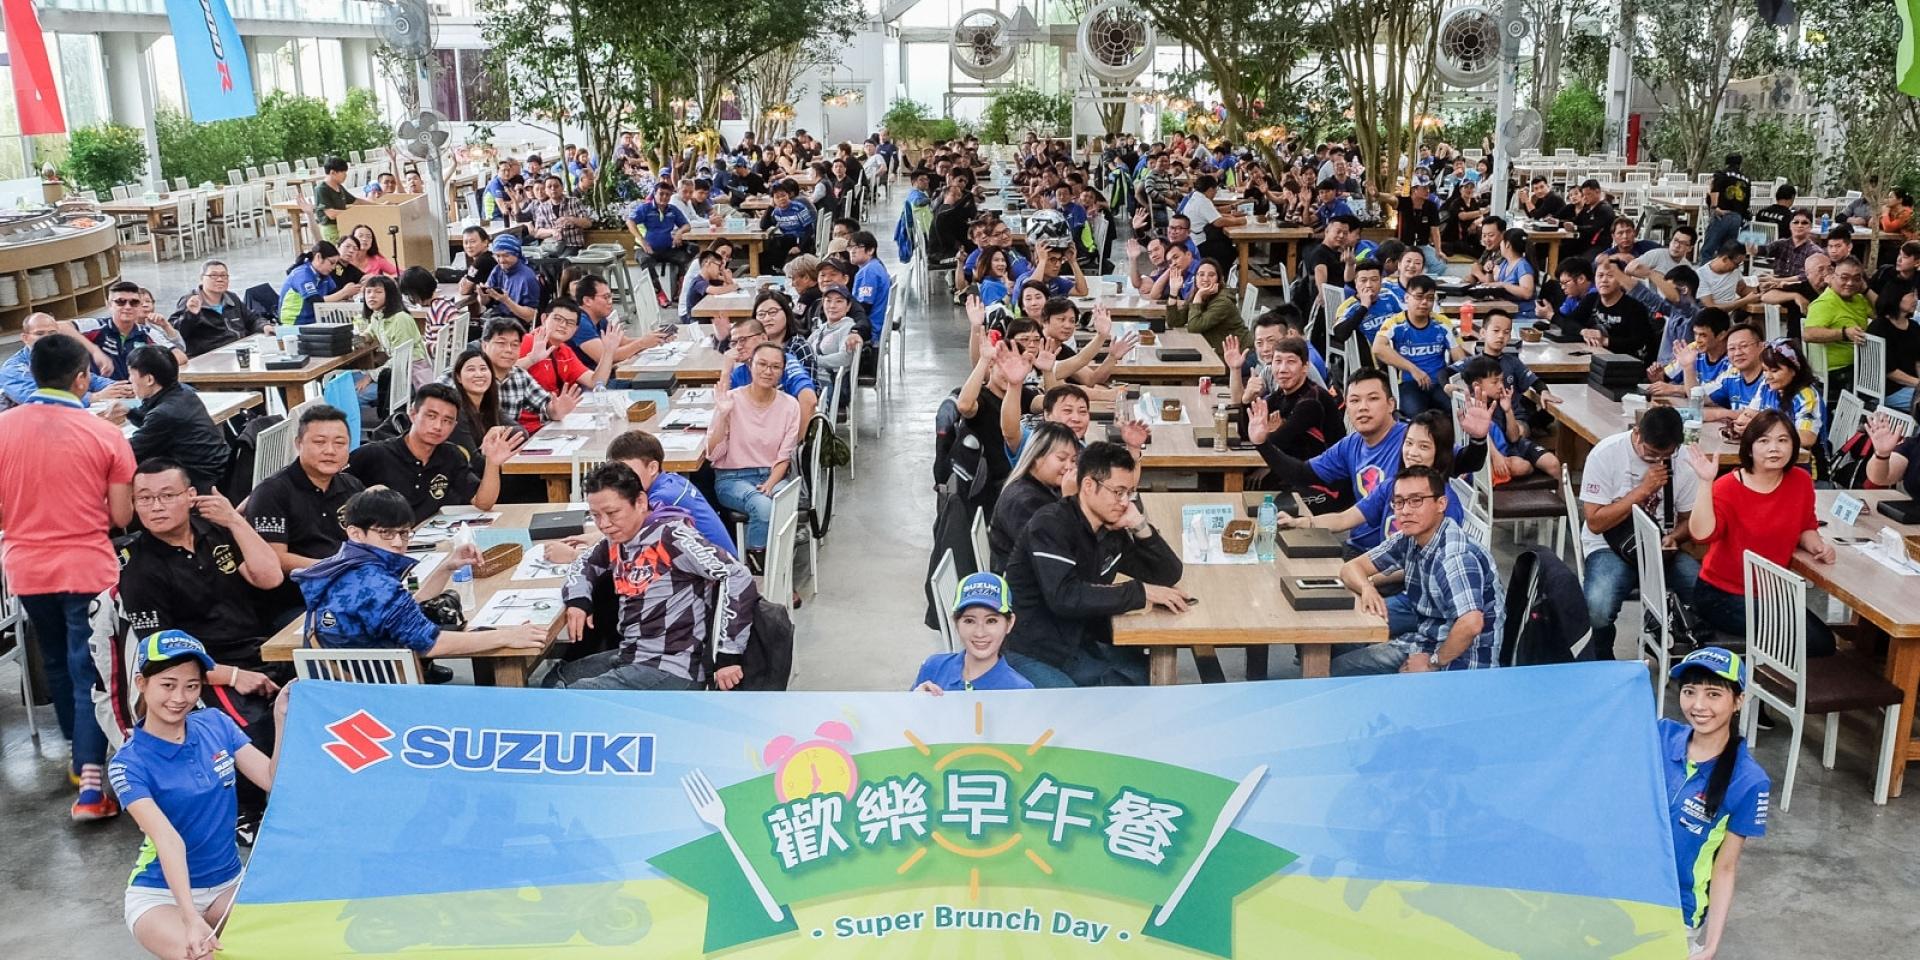 SUZUKI車主活動抽獎抽不完!2019 SUZUKI歡樂早午餐!